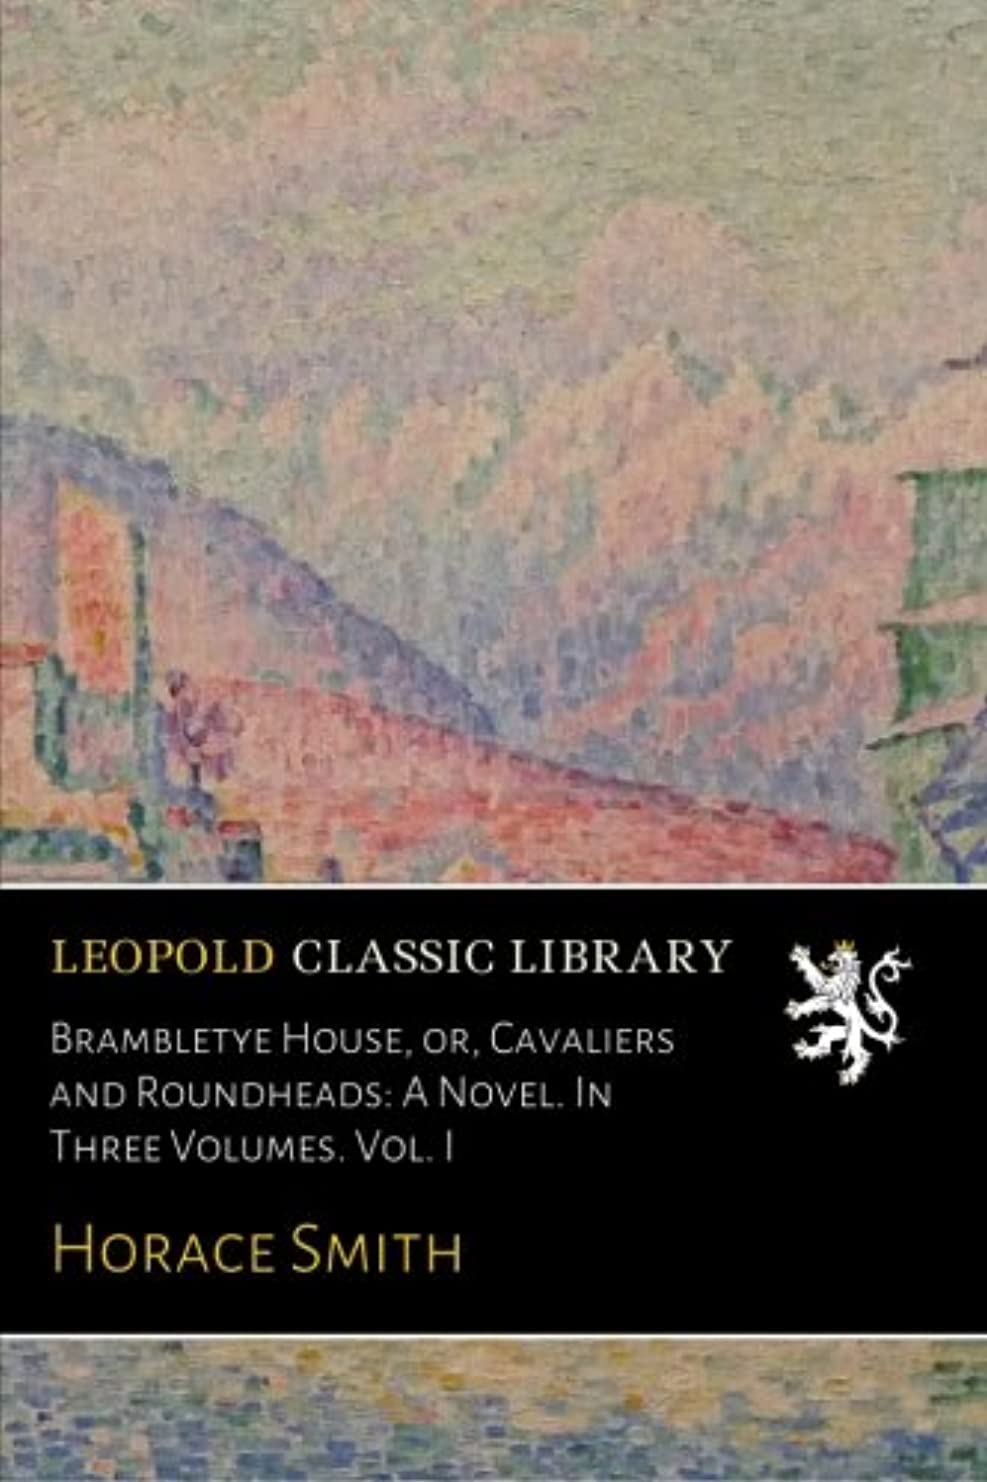 さらに金銭的なメインBrambletye House, or, Cavaliers and Roundheads: A Novel. In Three Volumes. Vol. I